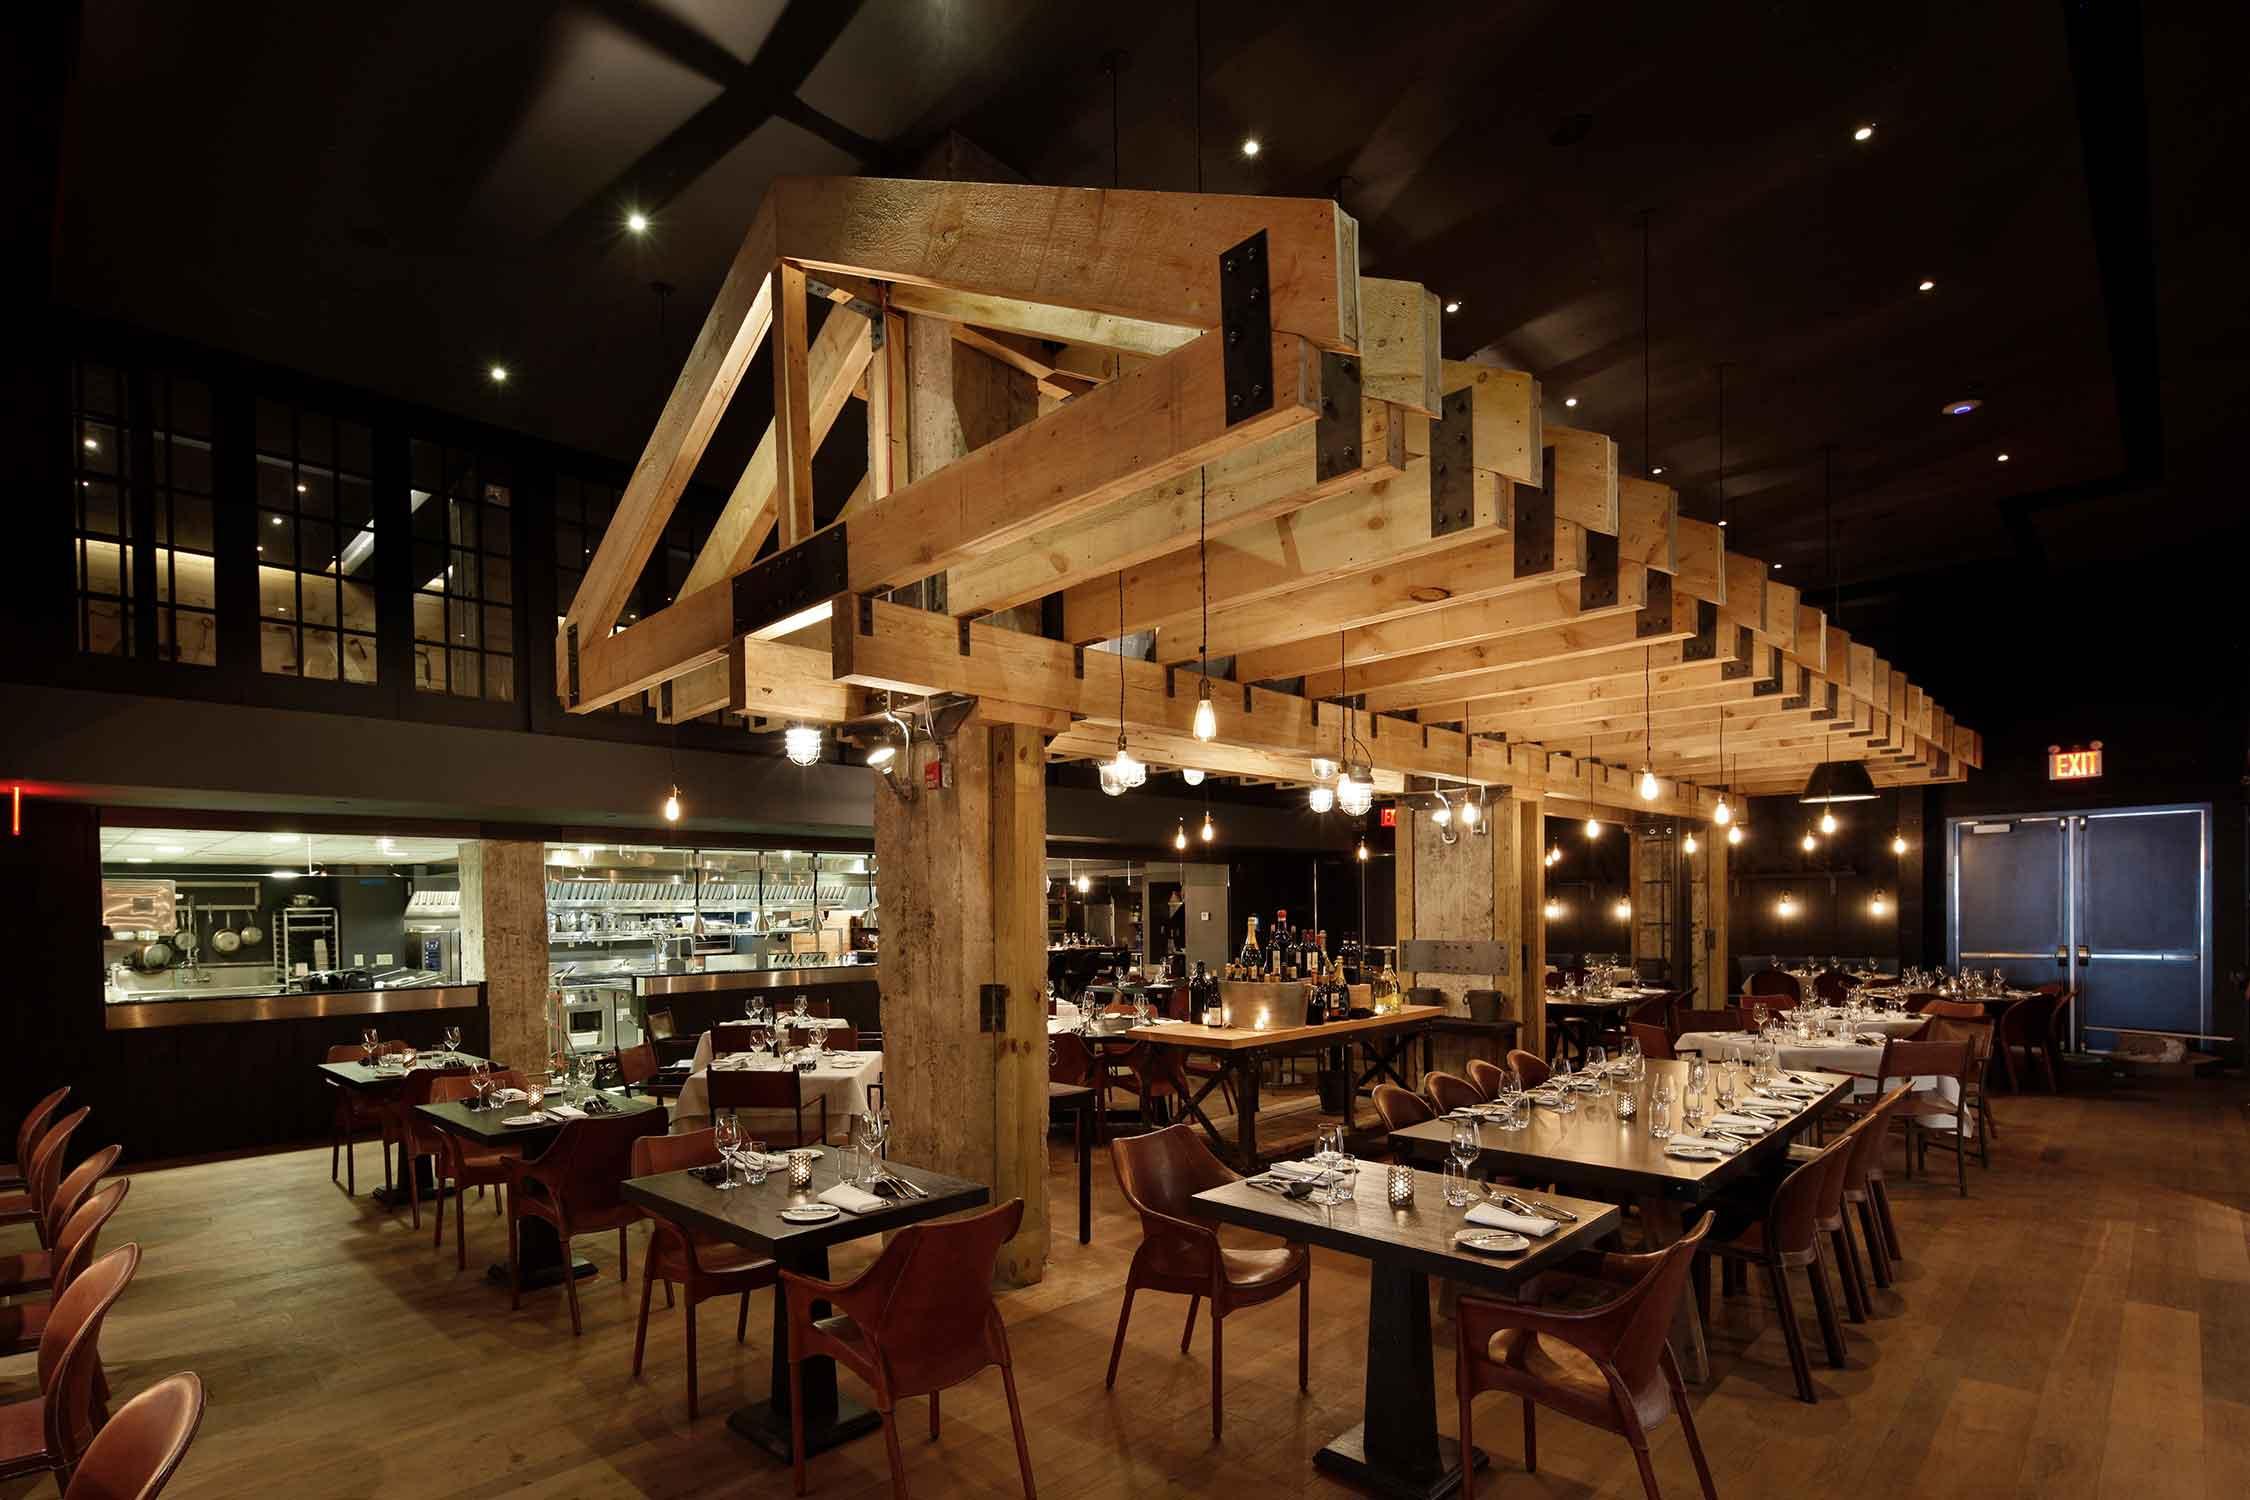 Blackbarn-Restaurant-52.jpg